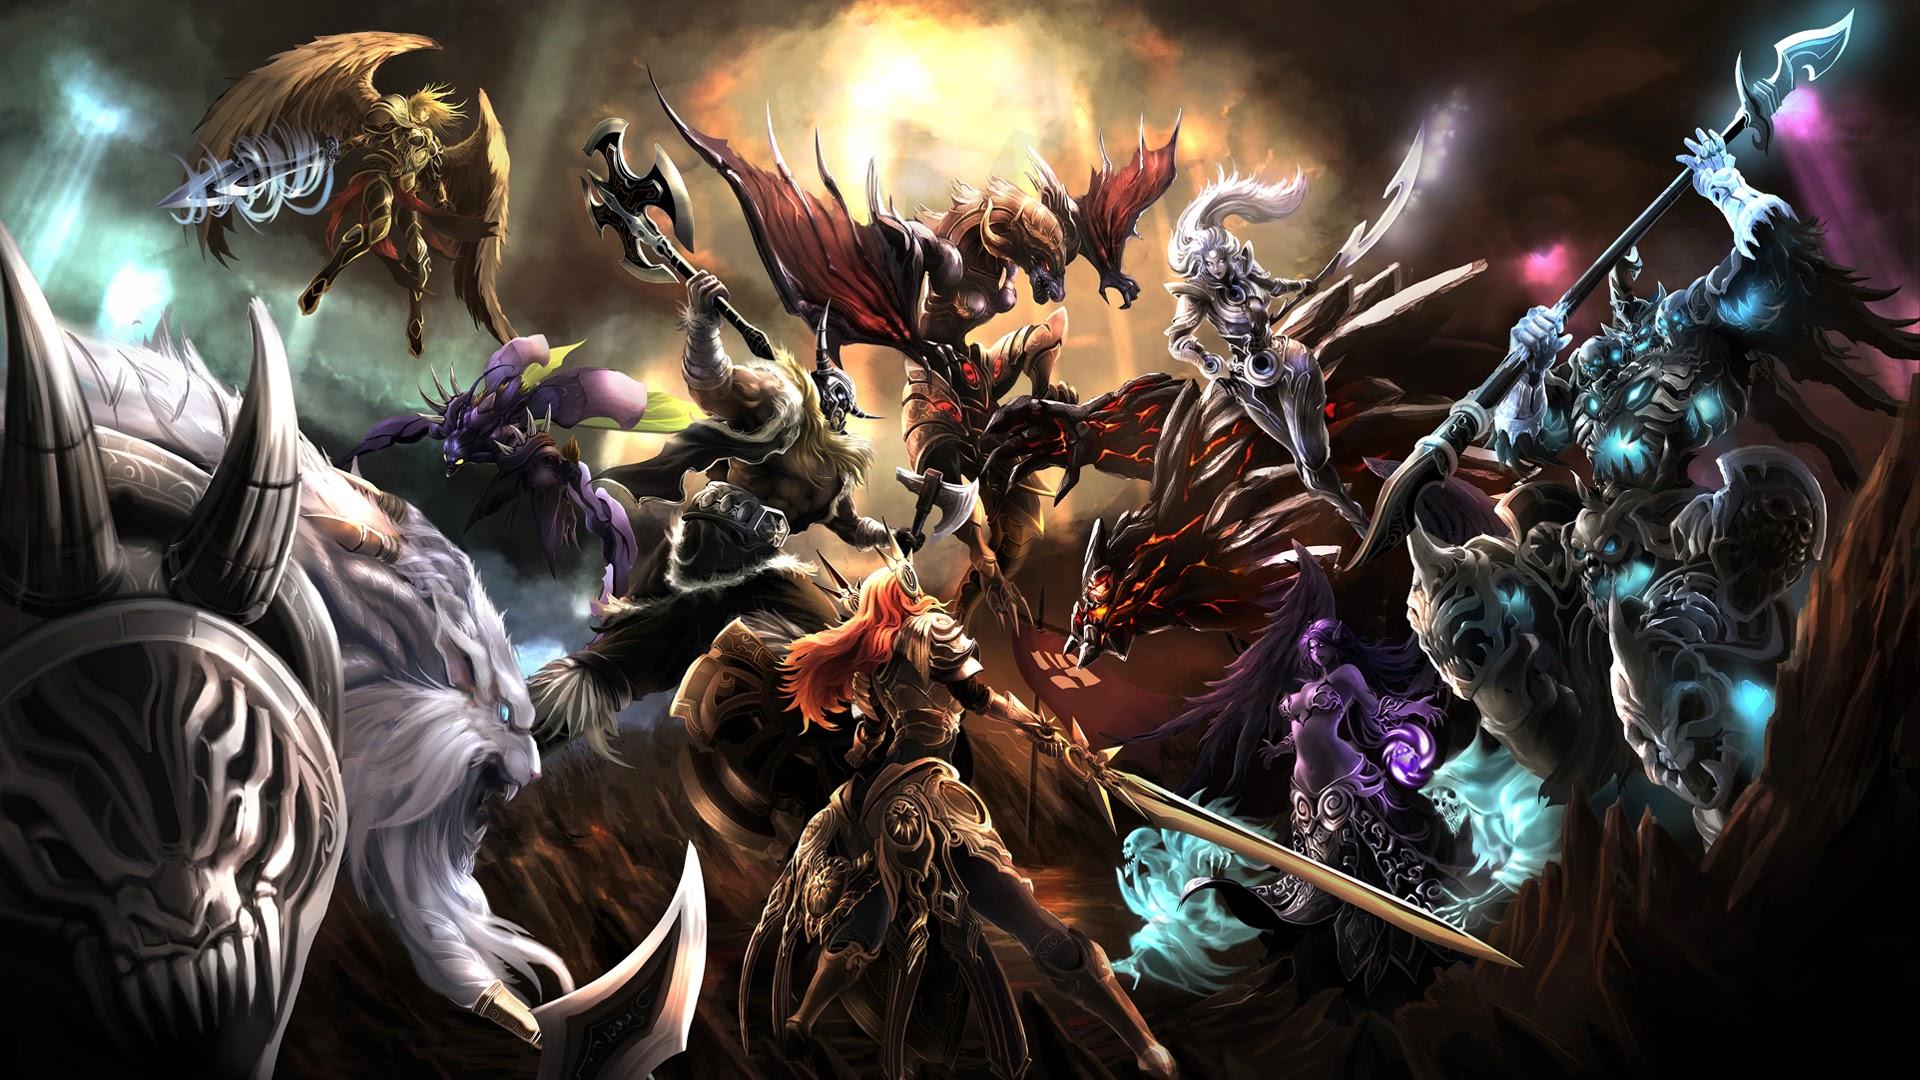 league of legends epic clash battle hd wallpaper background lol 1920x1080